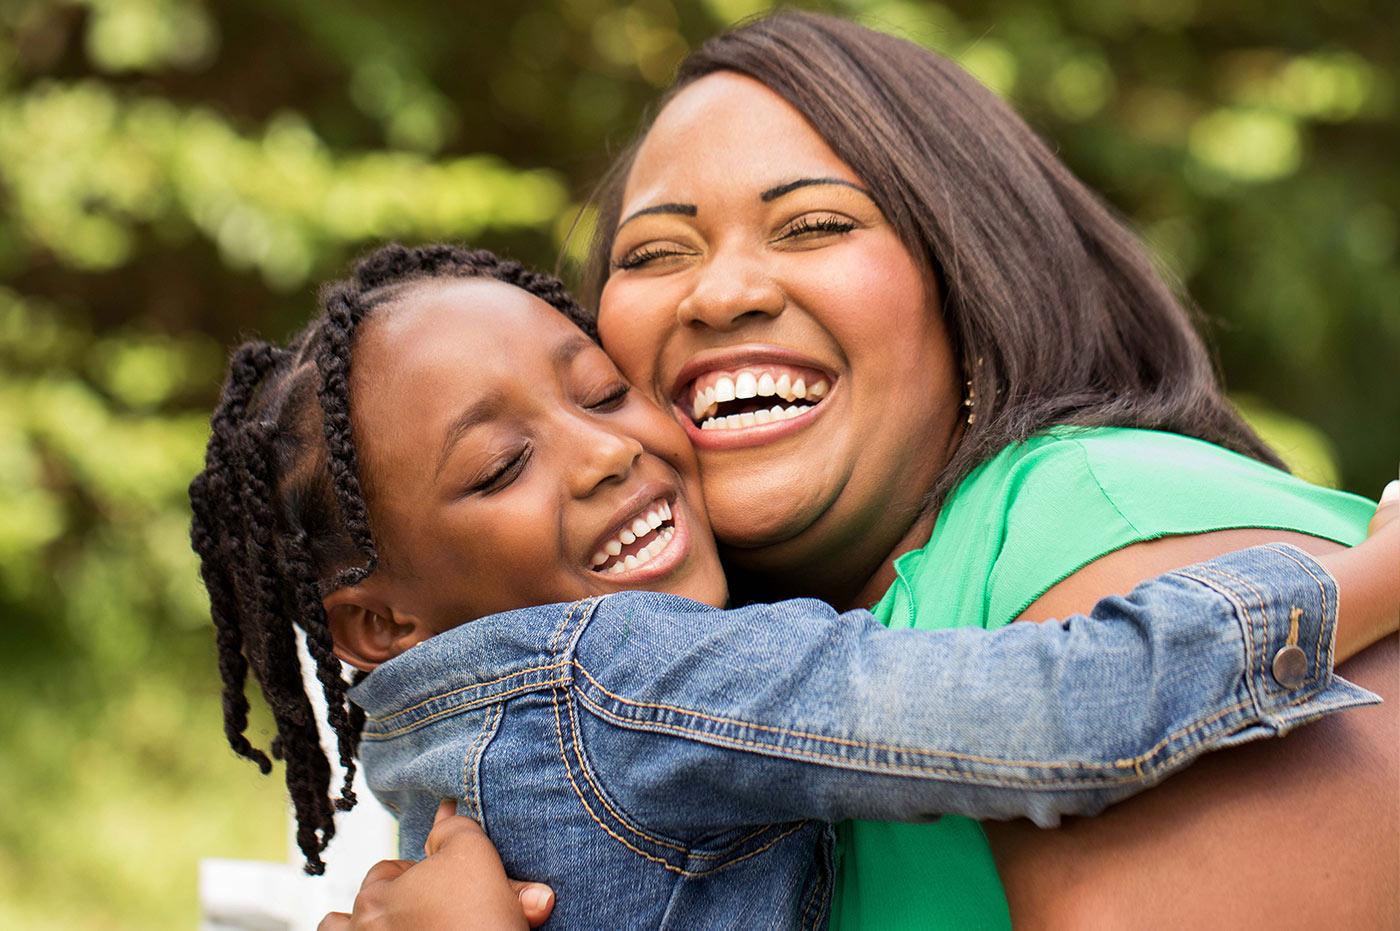 Mom smiling, hugging her child.